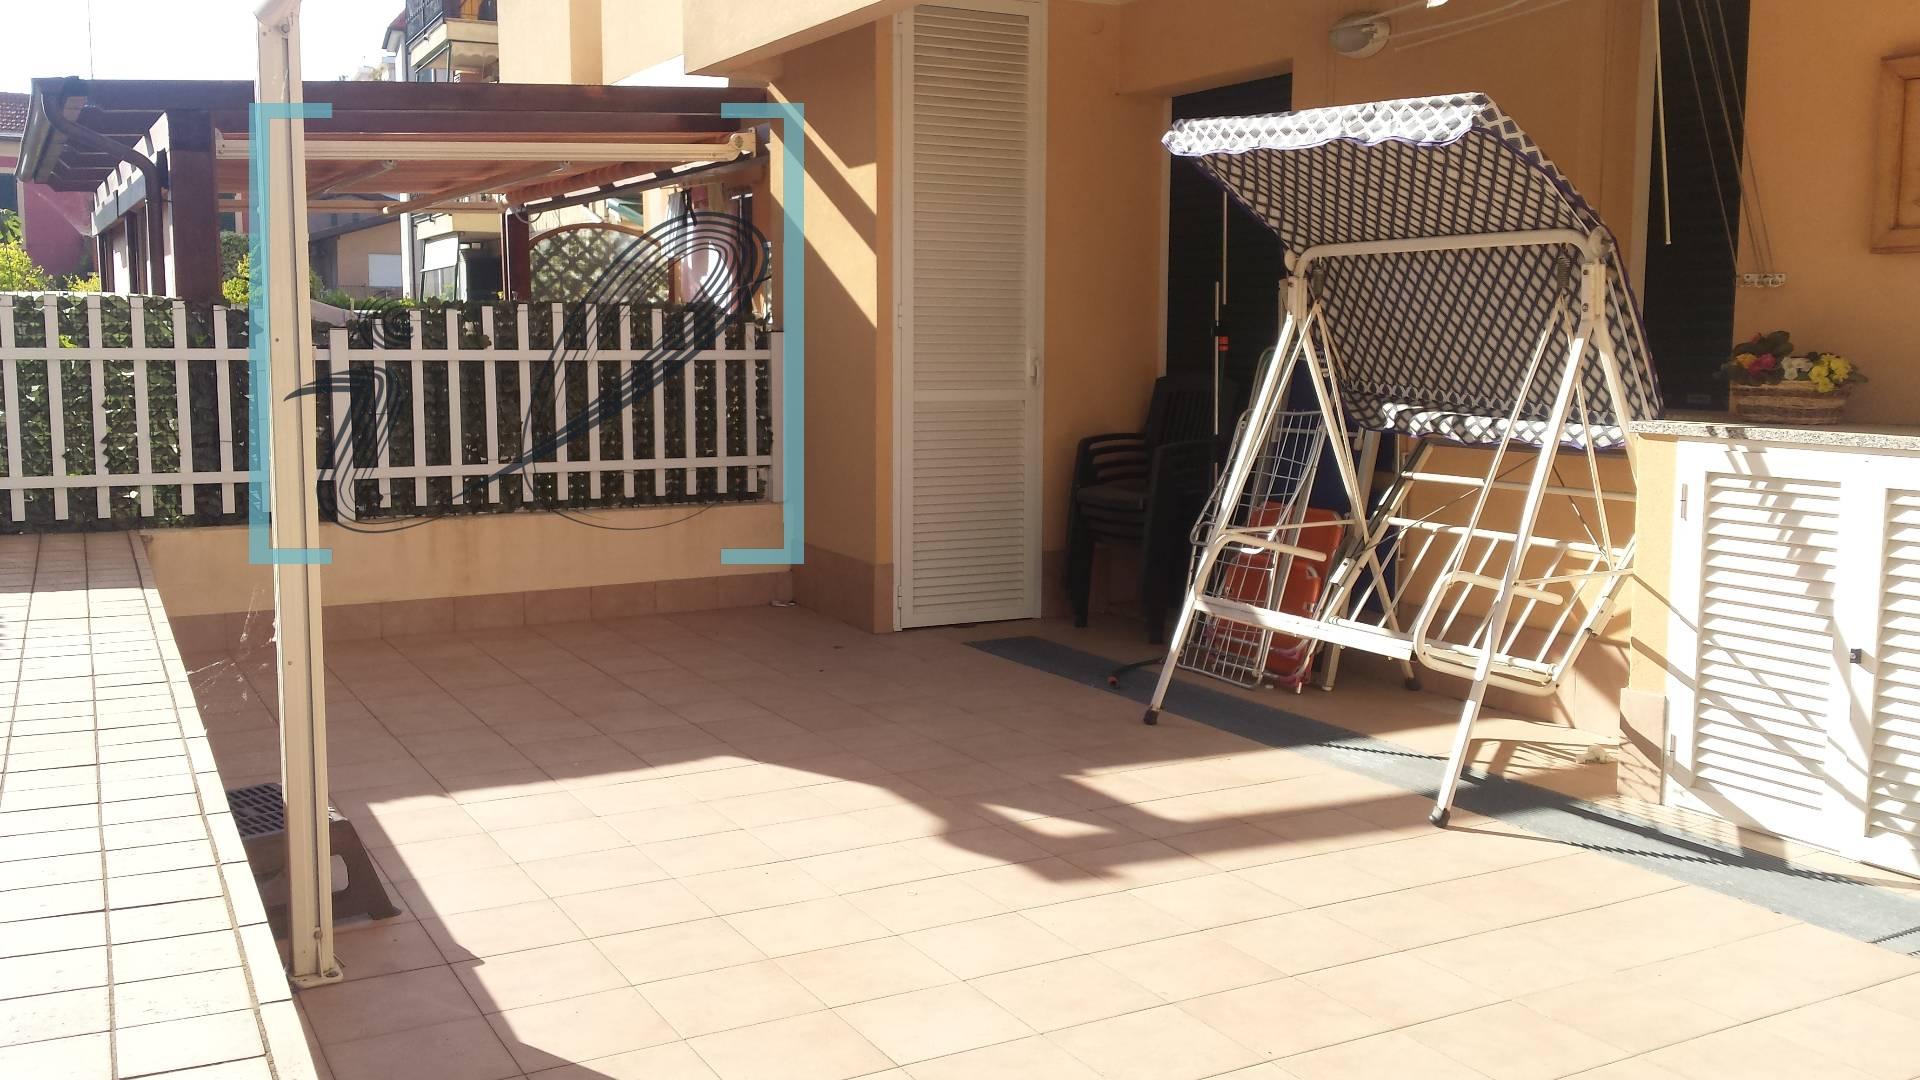 Appartamento in affitto a Albenga, 2 locali, Trattative riservate | CambioCasa.it